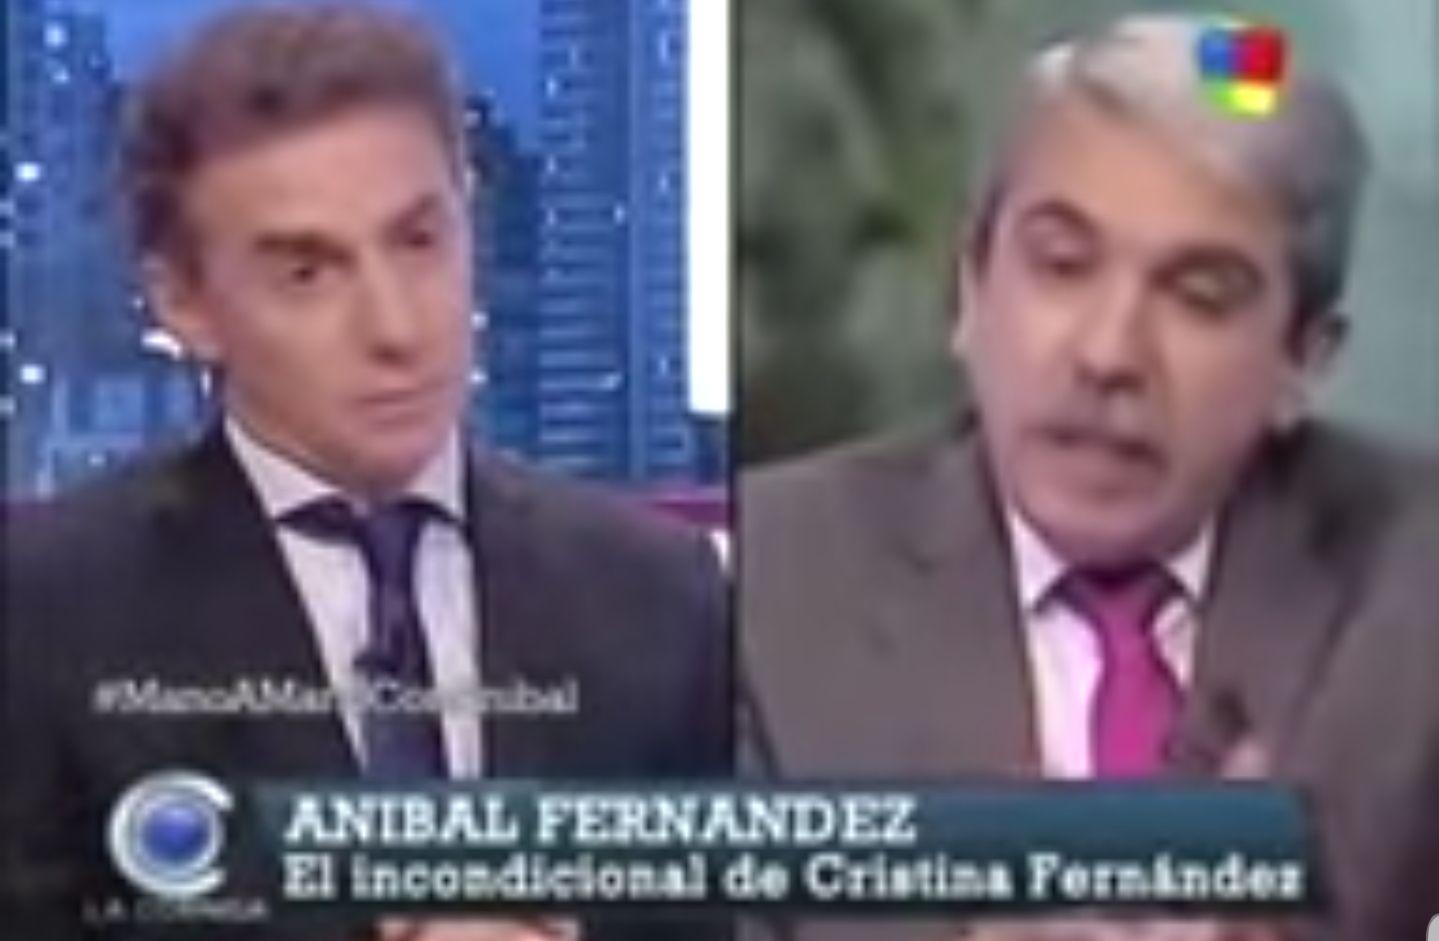 Otras épocas, misma situación. Luis Majul atacando a Cristina Kirchner y Aníbal Fernández saliendo en su defensa